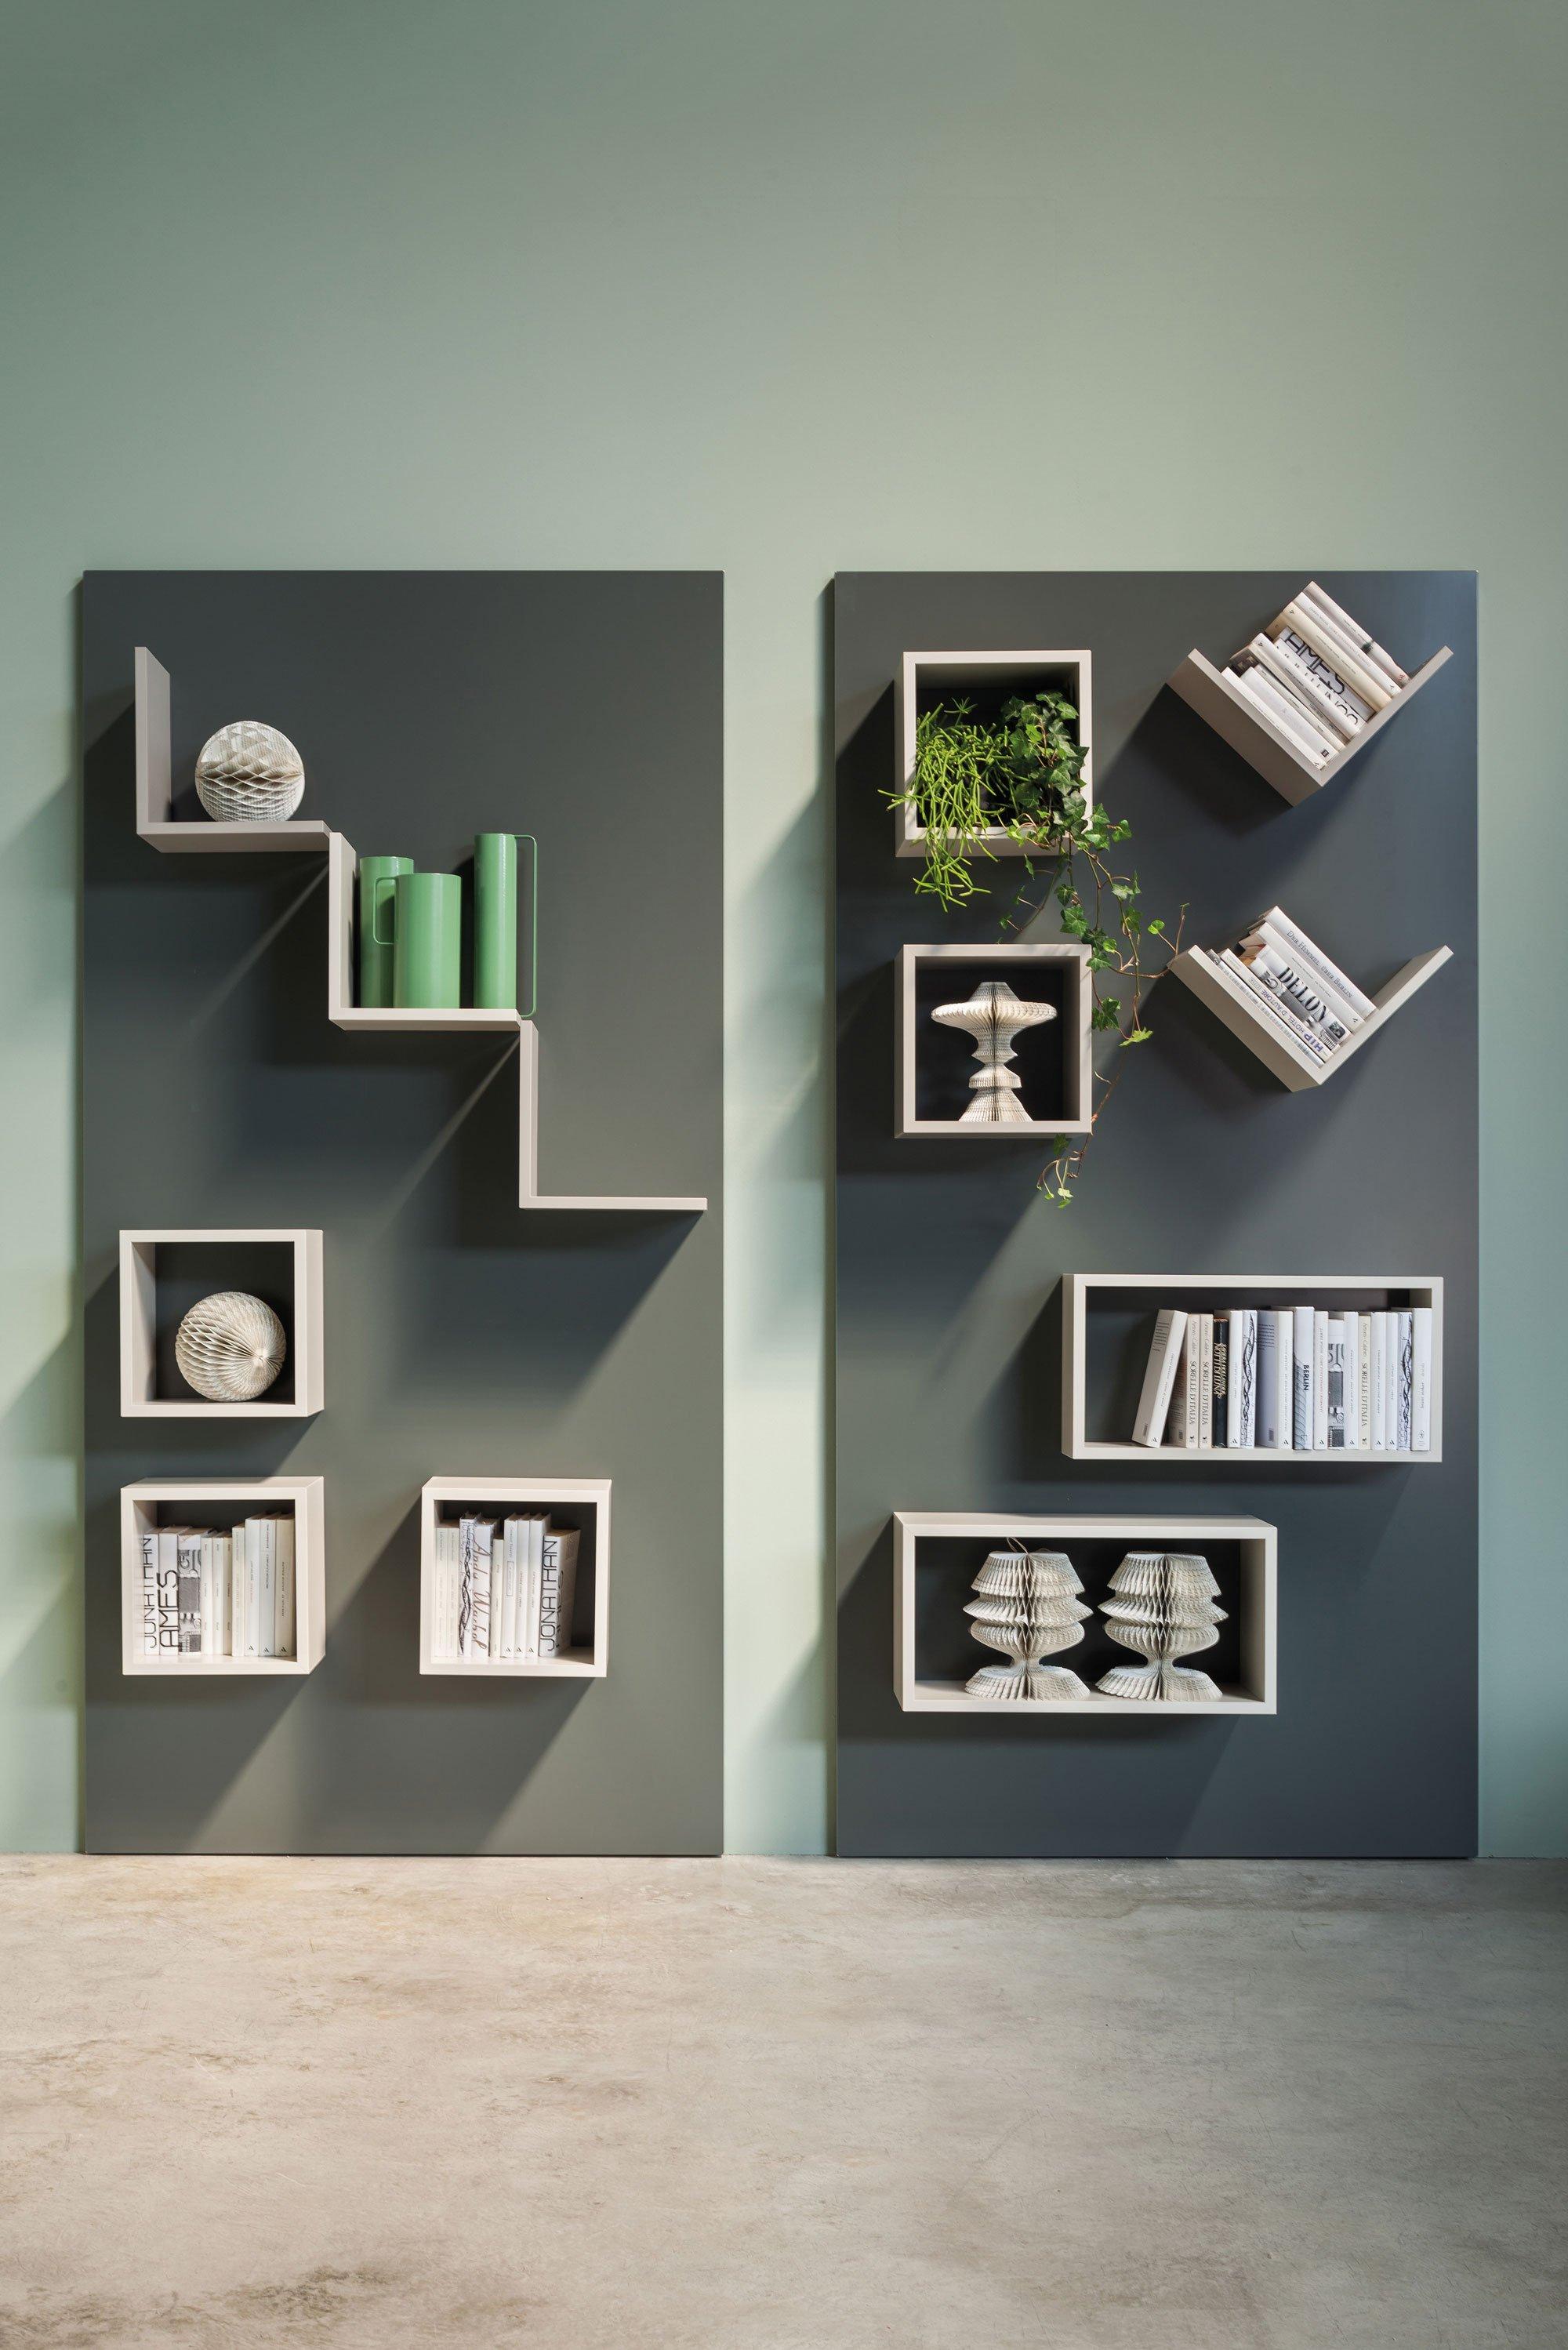 Mensole per arredare in modo easy ed economico cose di casa for Mensole per quadri